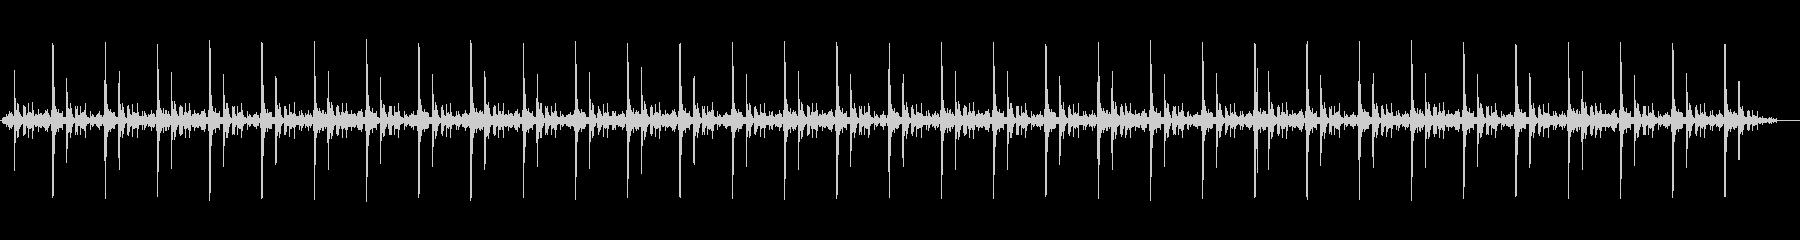 バネを作る機械の動作音01の未再生の波形